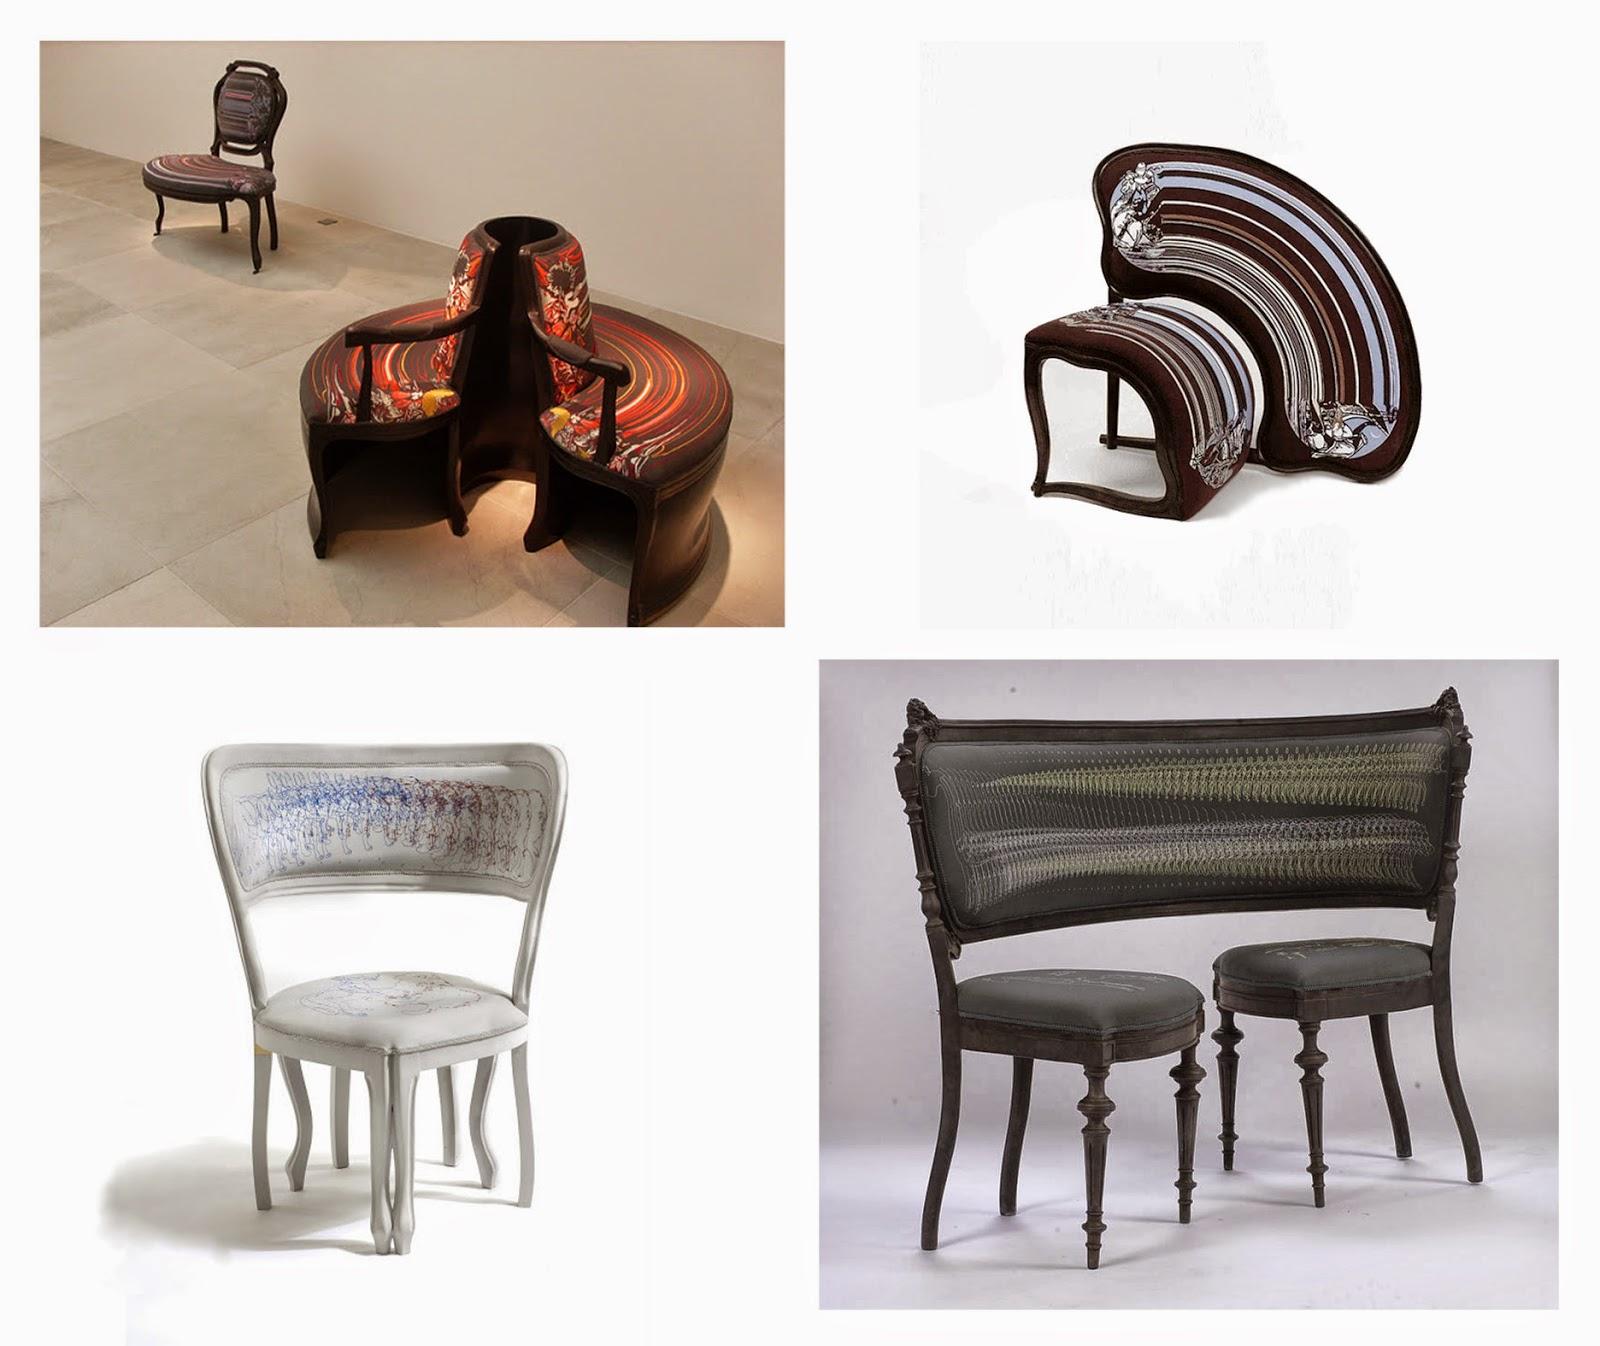 геометрическая фигура на мебели фото